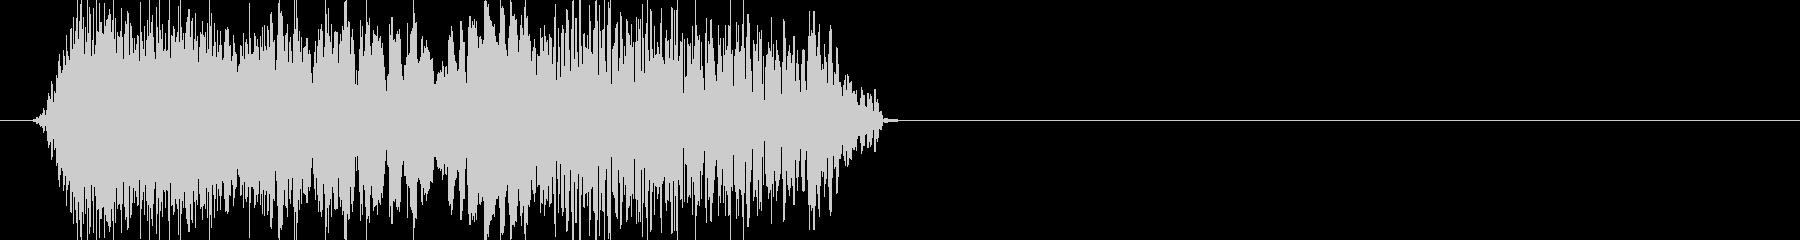 プシューッとなる印象的な効果音・ボタン音の未再生の波形